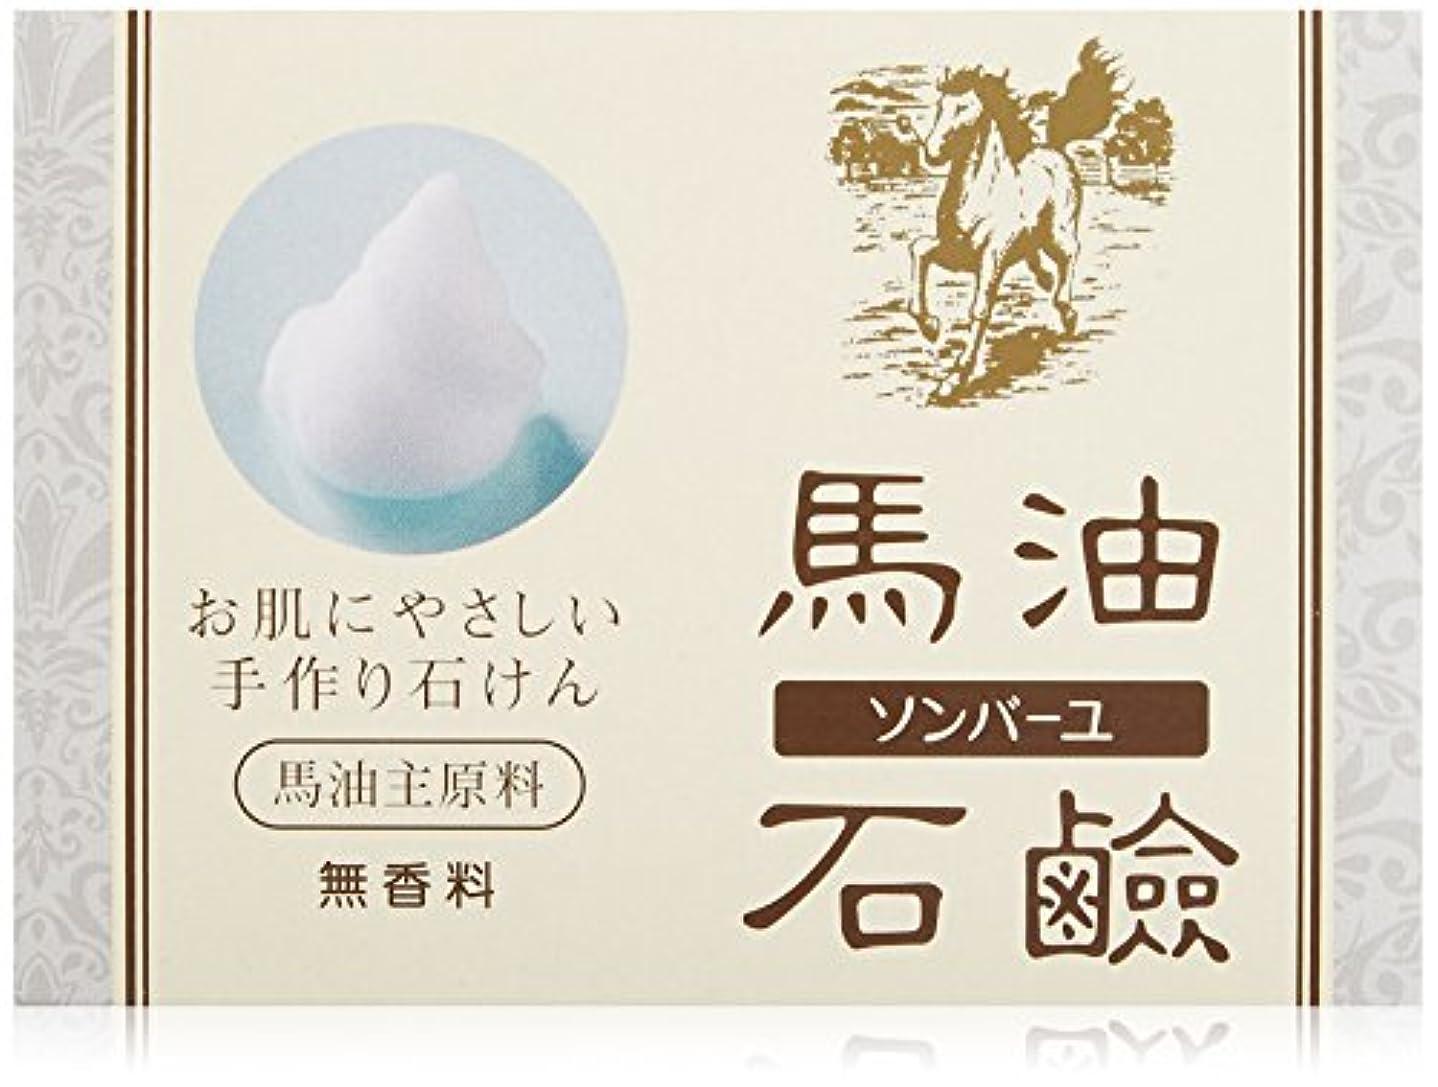 実行する隣人欠如薬師堂 ソンバーユ馬油石鹸(無香料) 85g